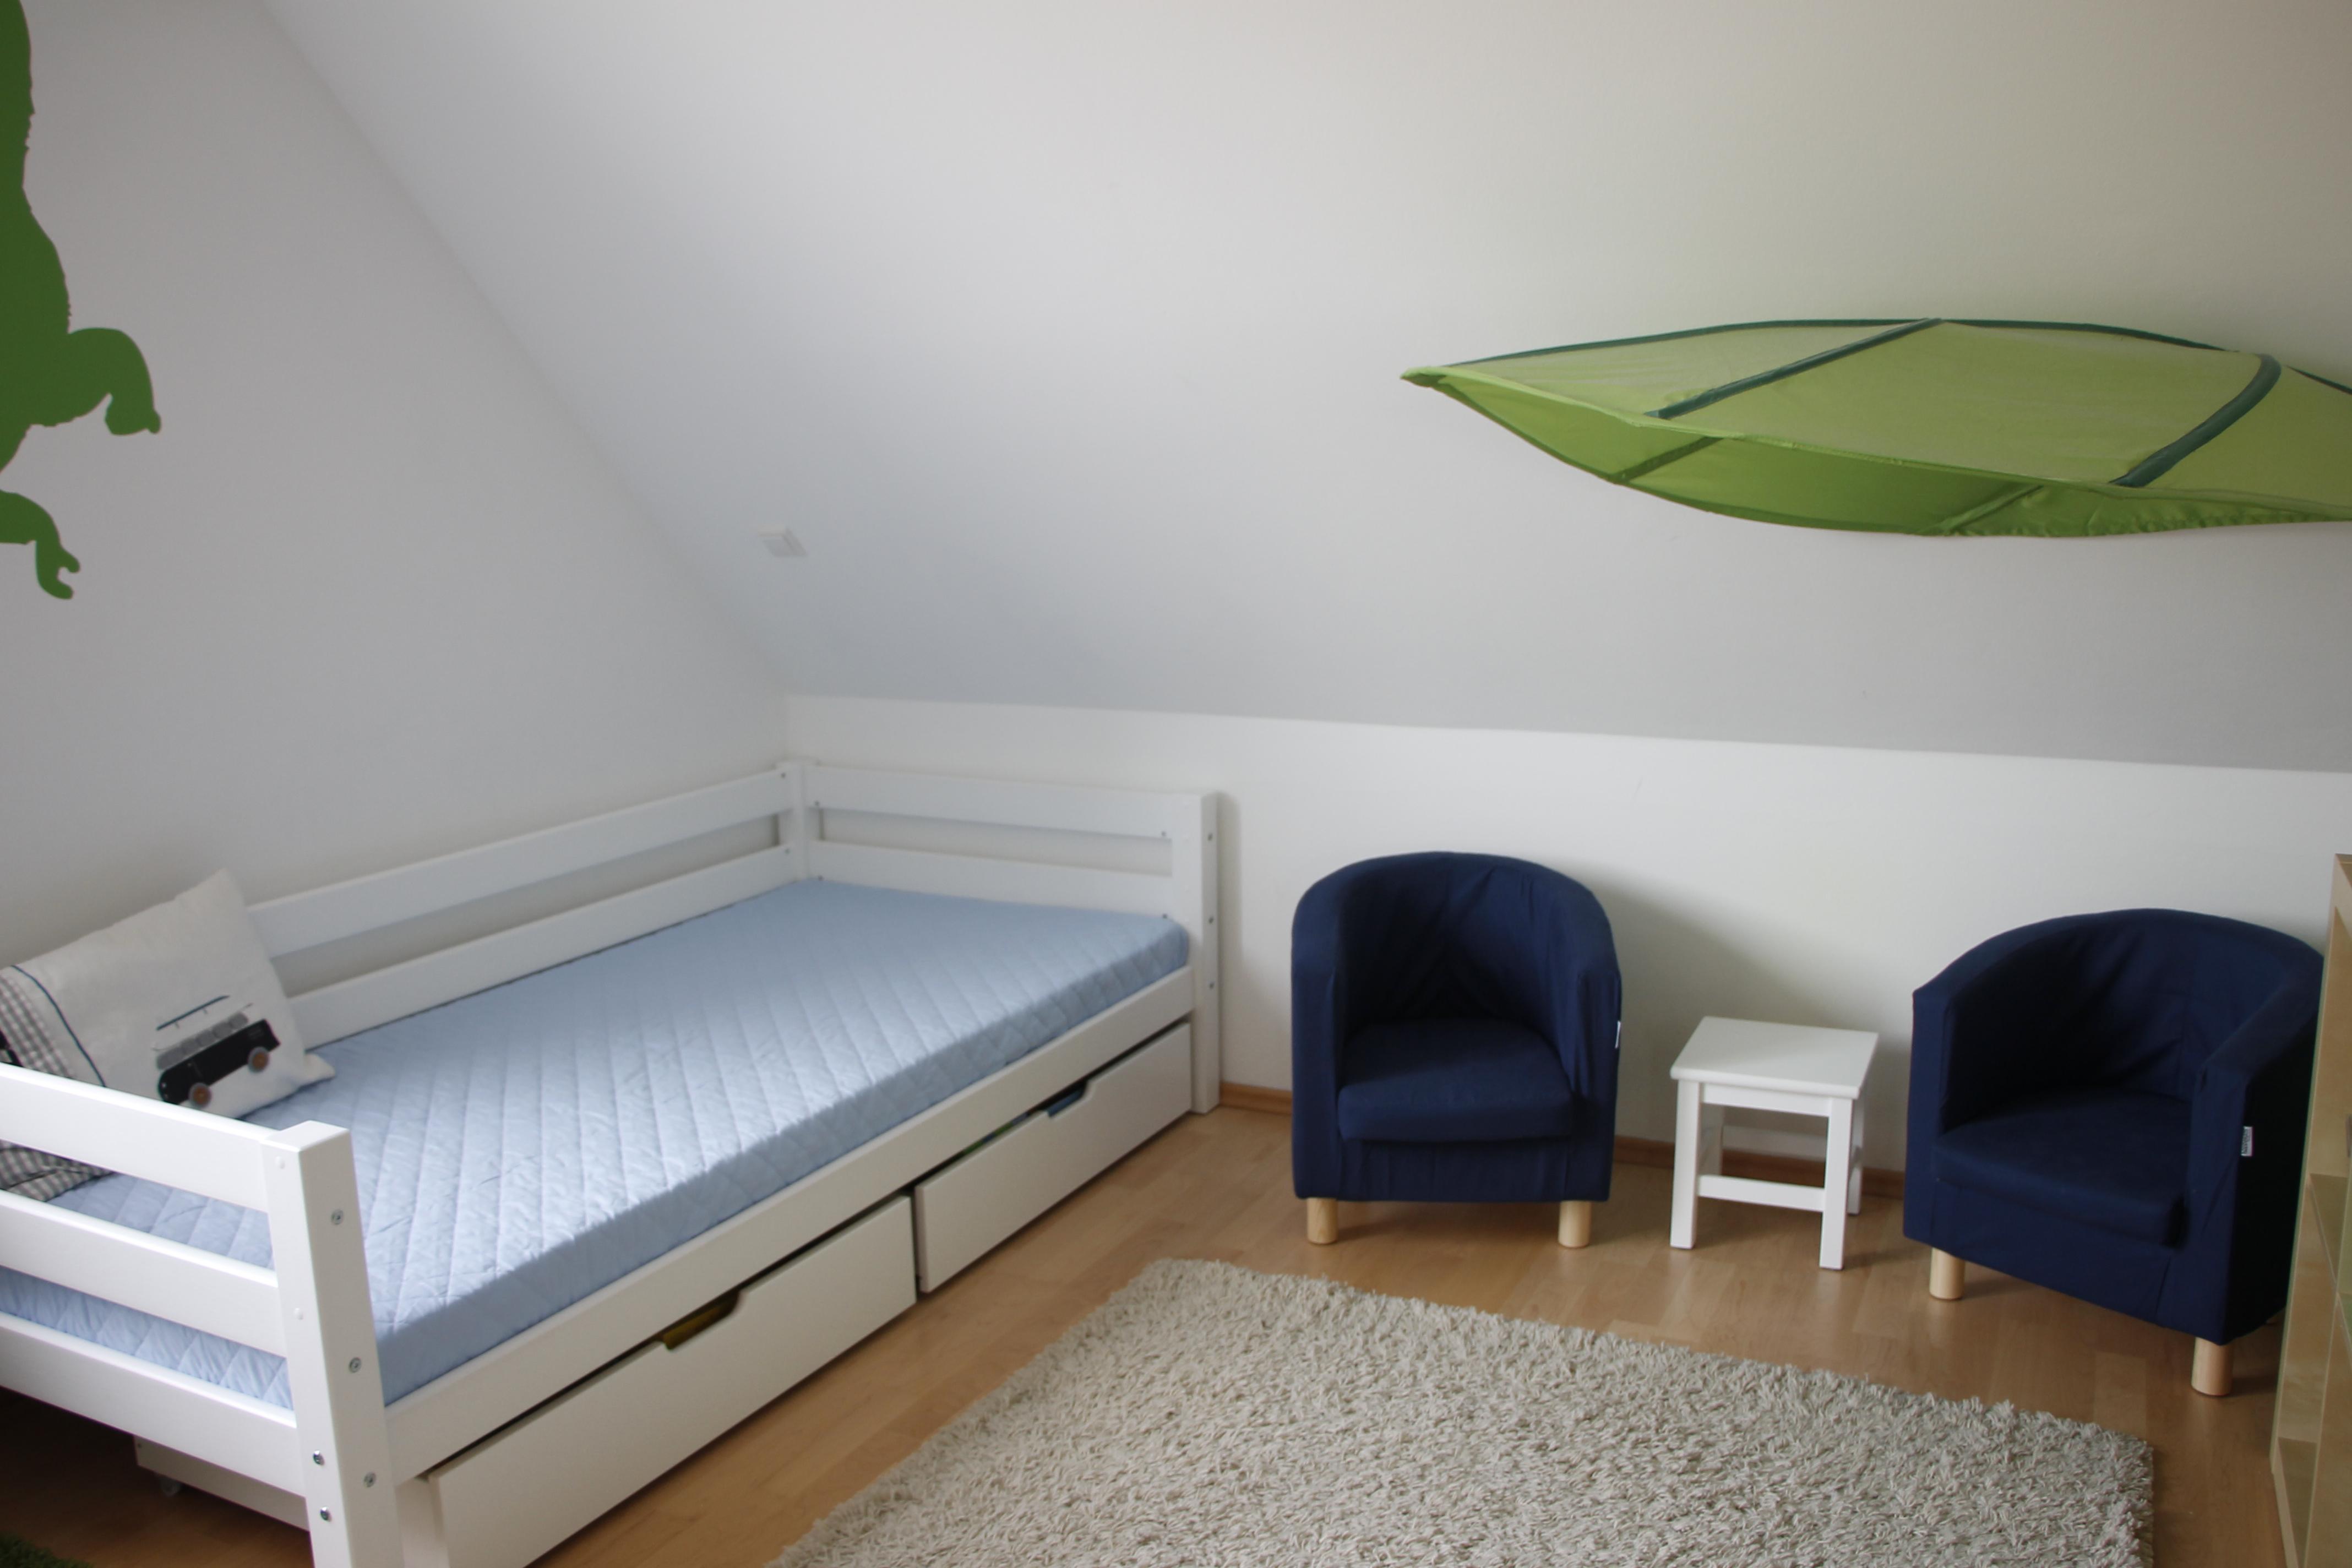 kinderzimmer einrichten tipps rund um m bel deko und mehr lavendelblog. Black Bedroom Furniture Sets. Home Design Ideas